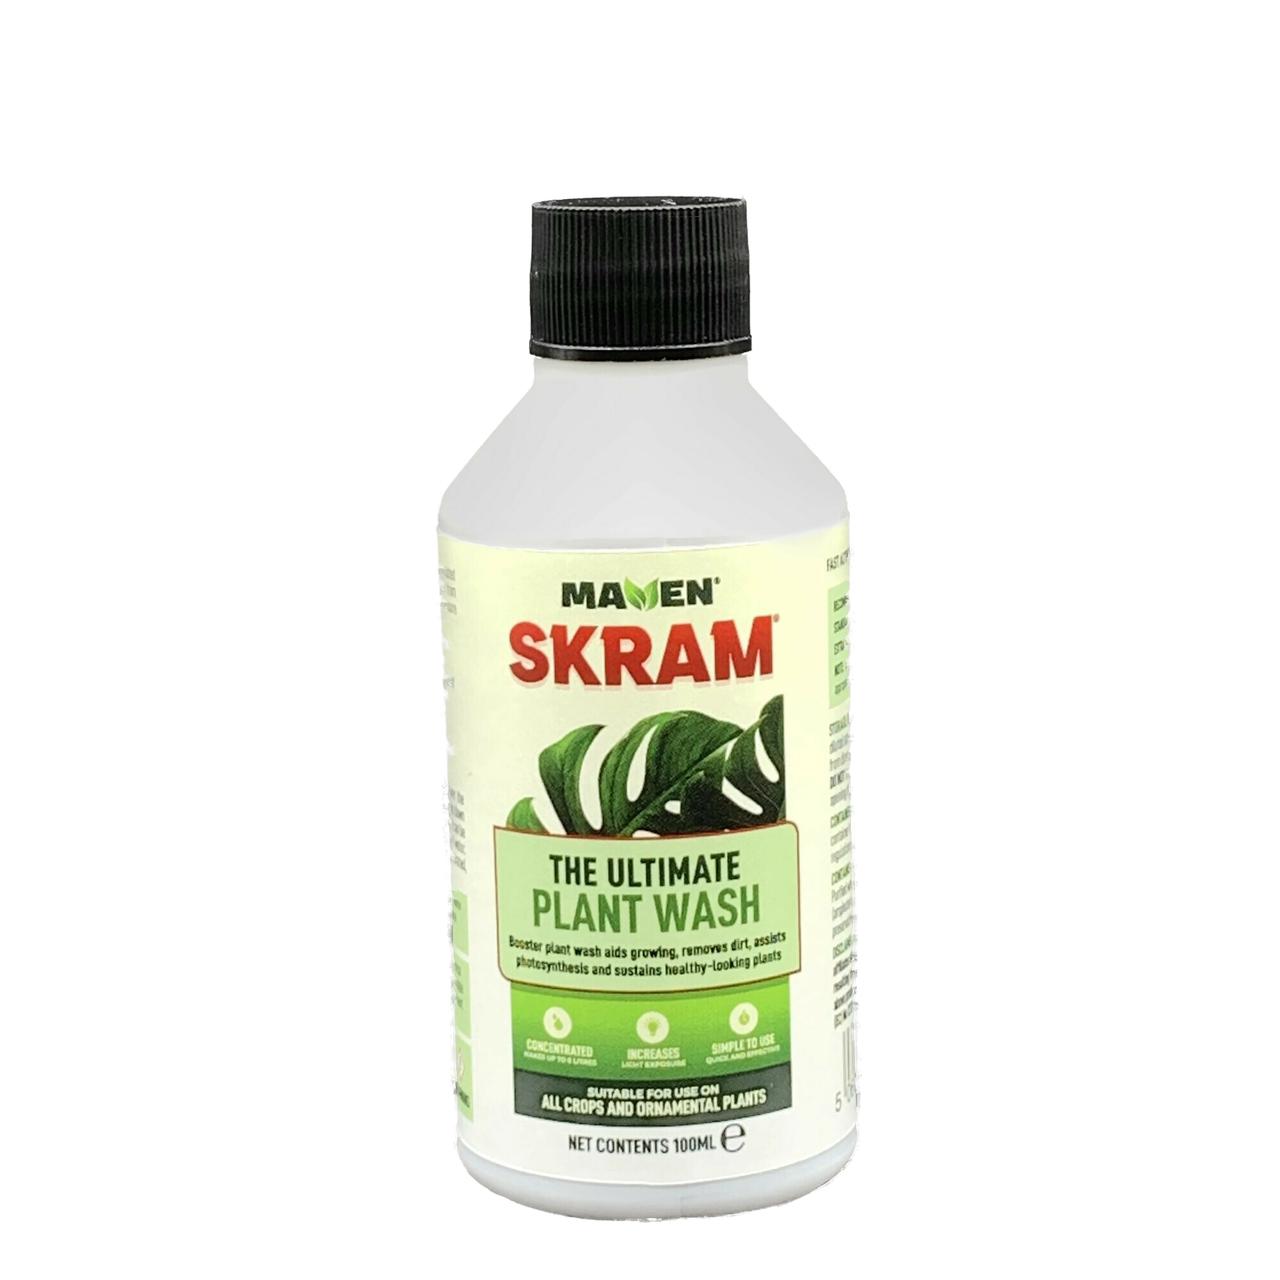 SKRAM Ultimate Plant Wash 100ml bottle